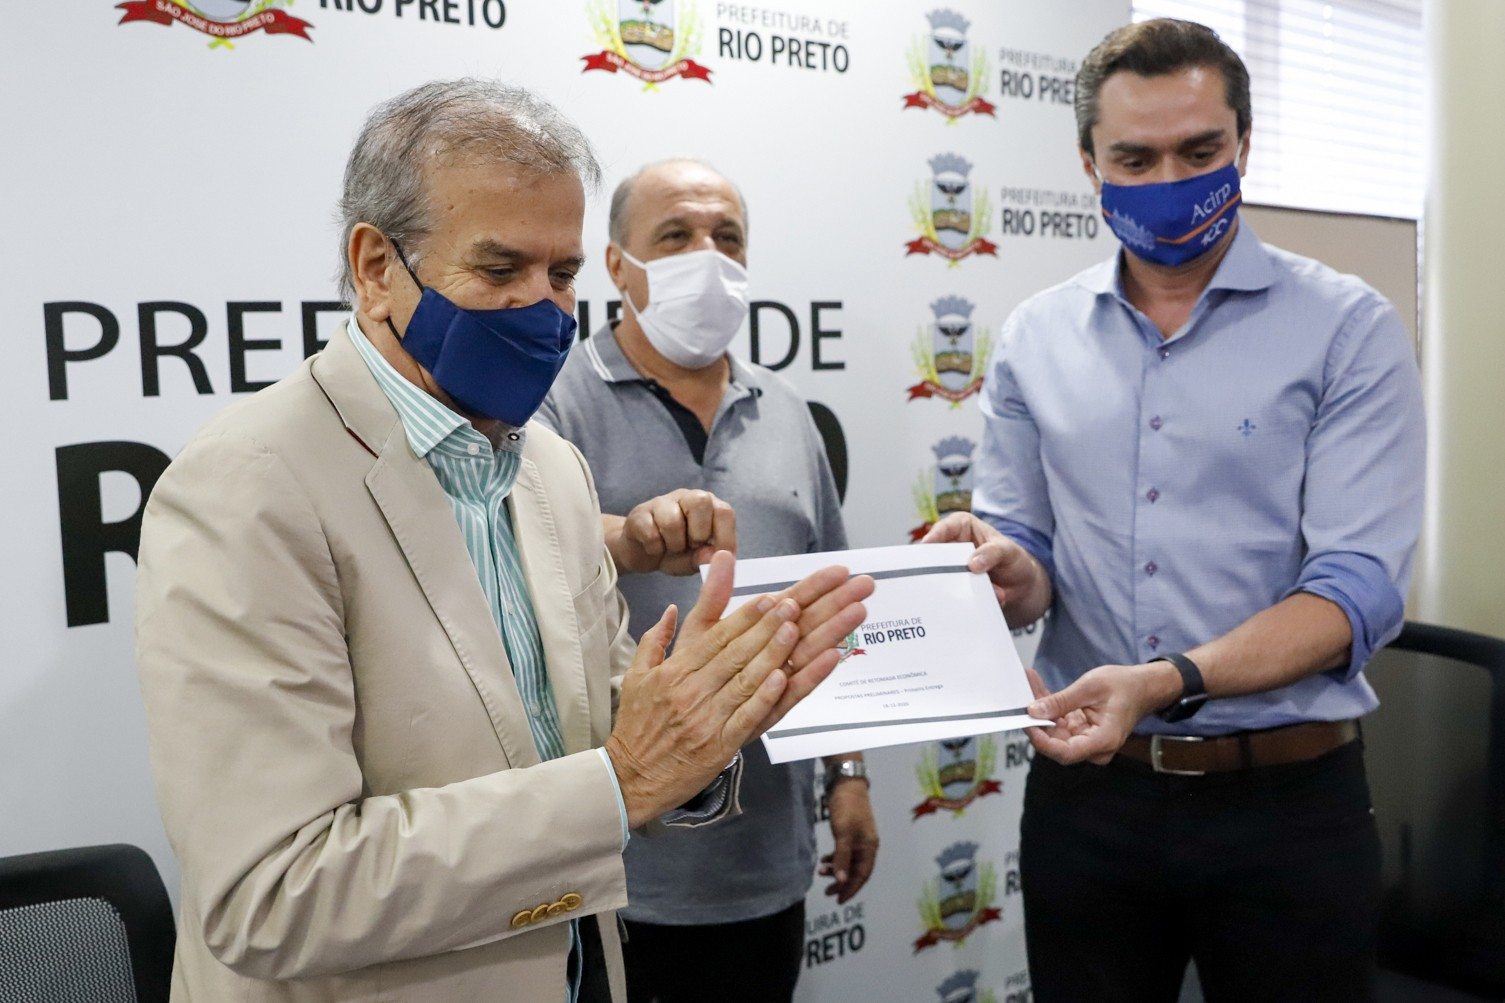 Comitê apresenta propostas para auxiliar na recuperação financeira de Rio Preto